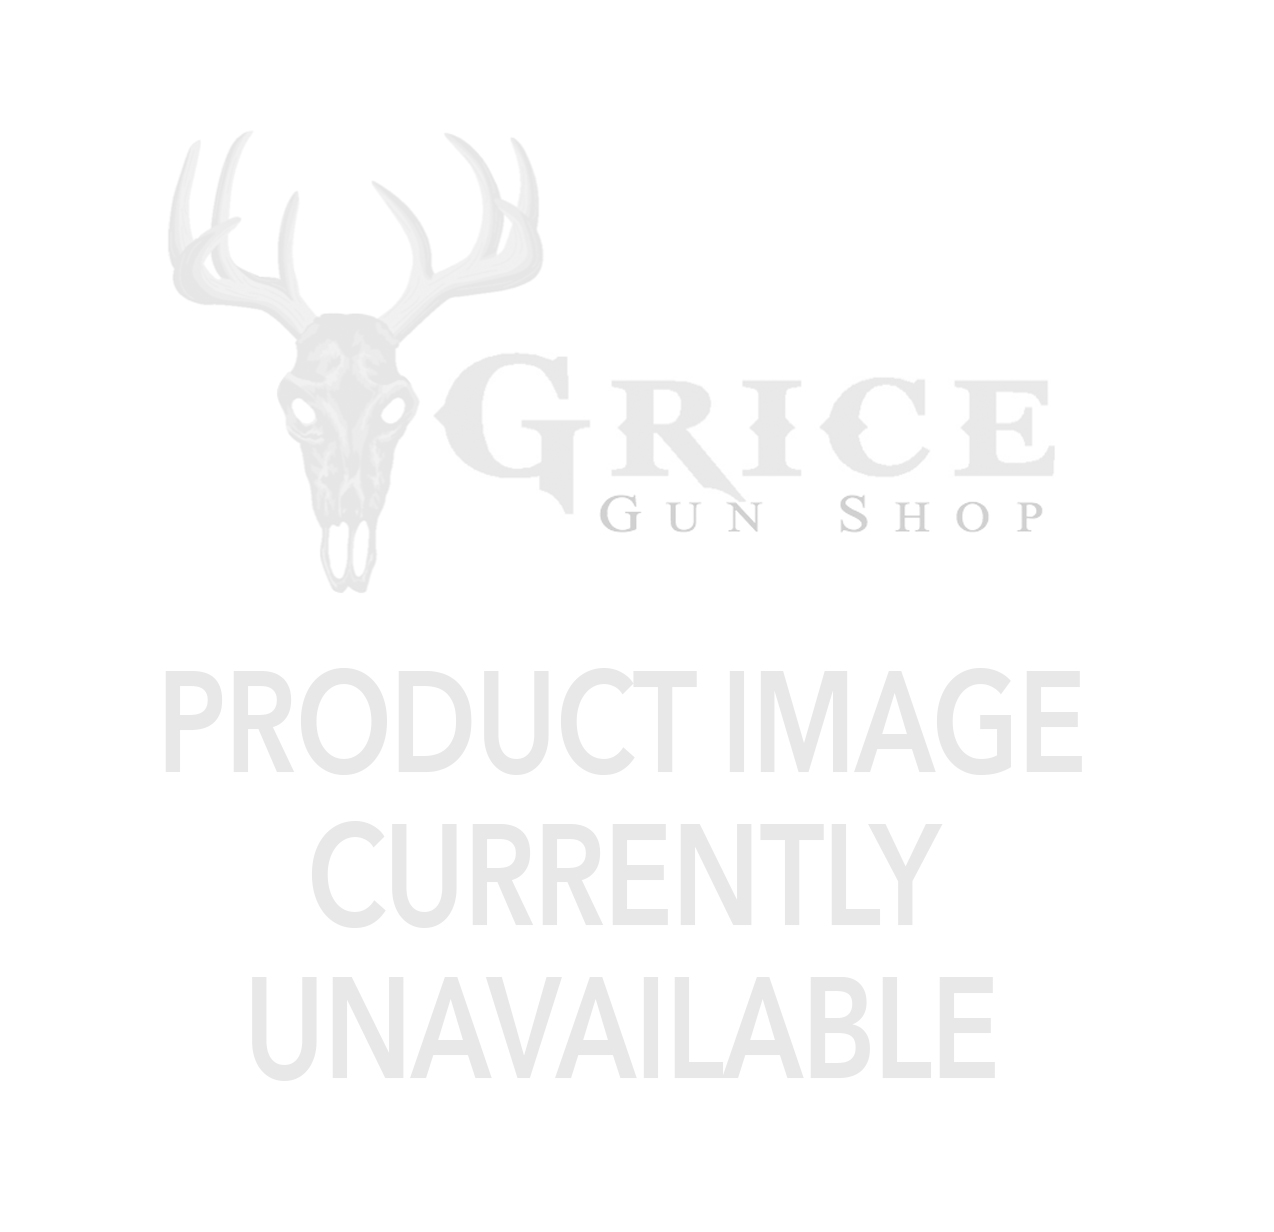 HKS 22LR H&R 9sh/Taurus 94